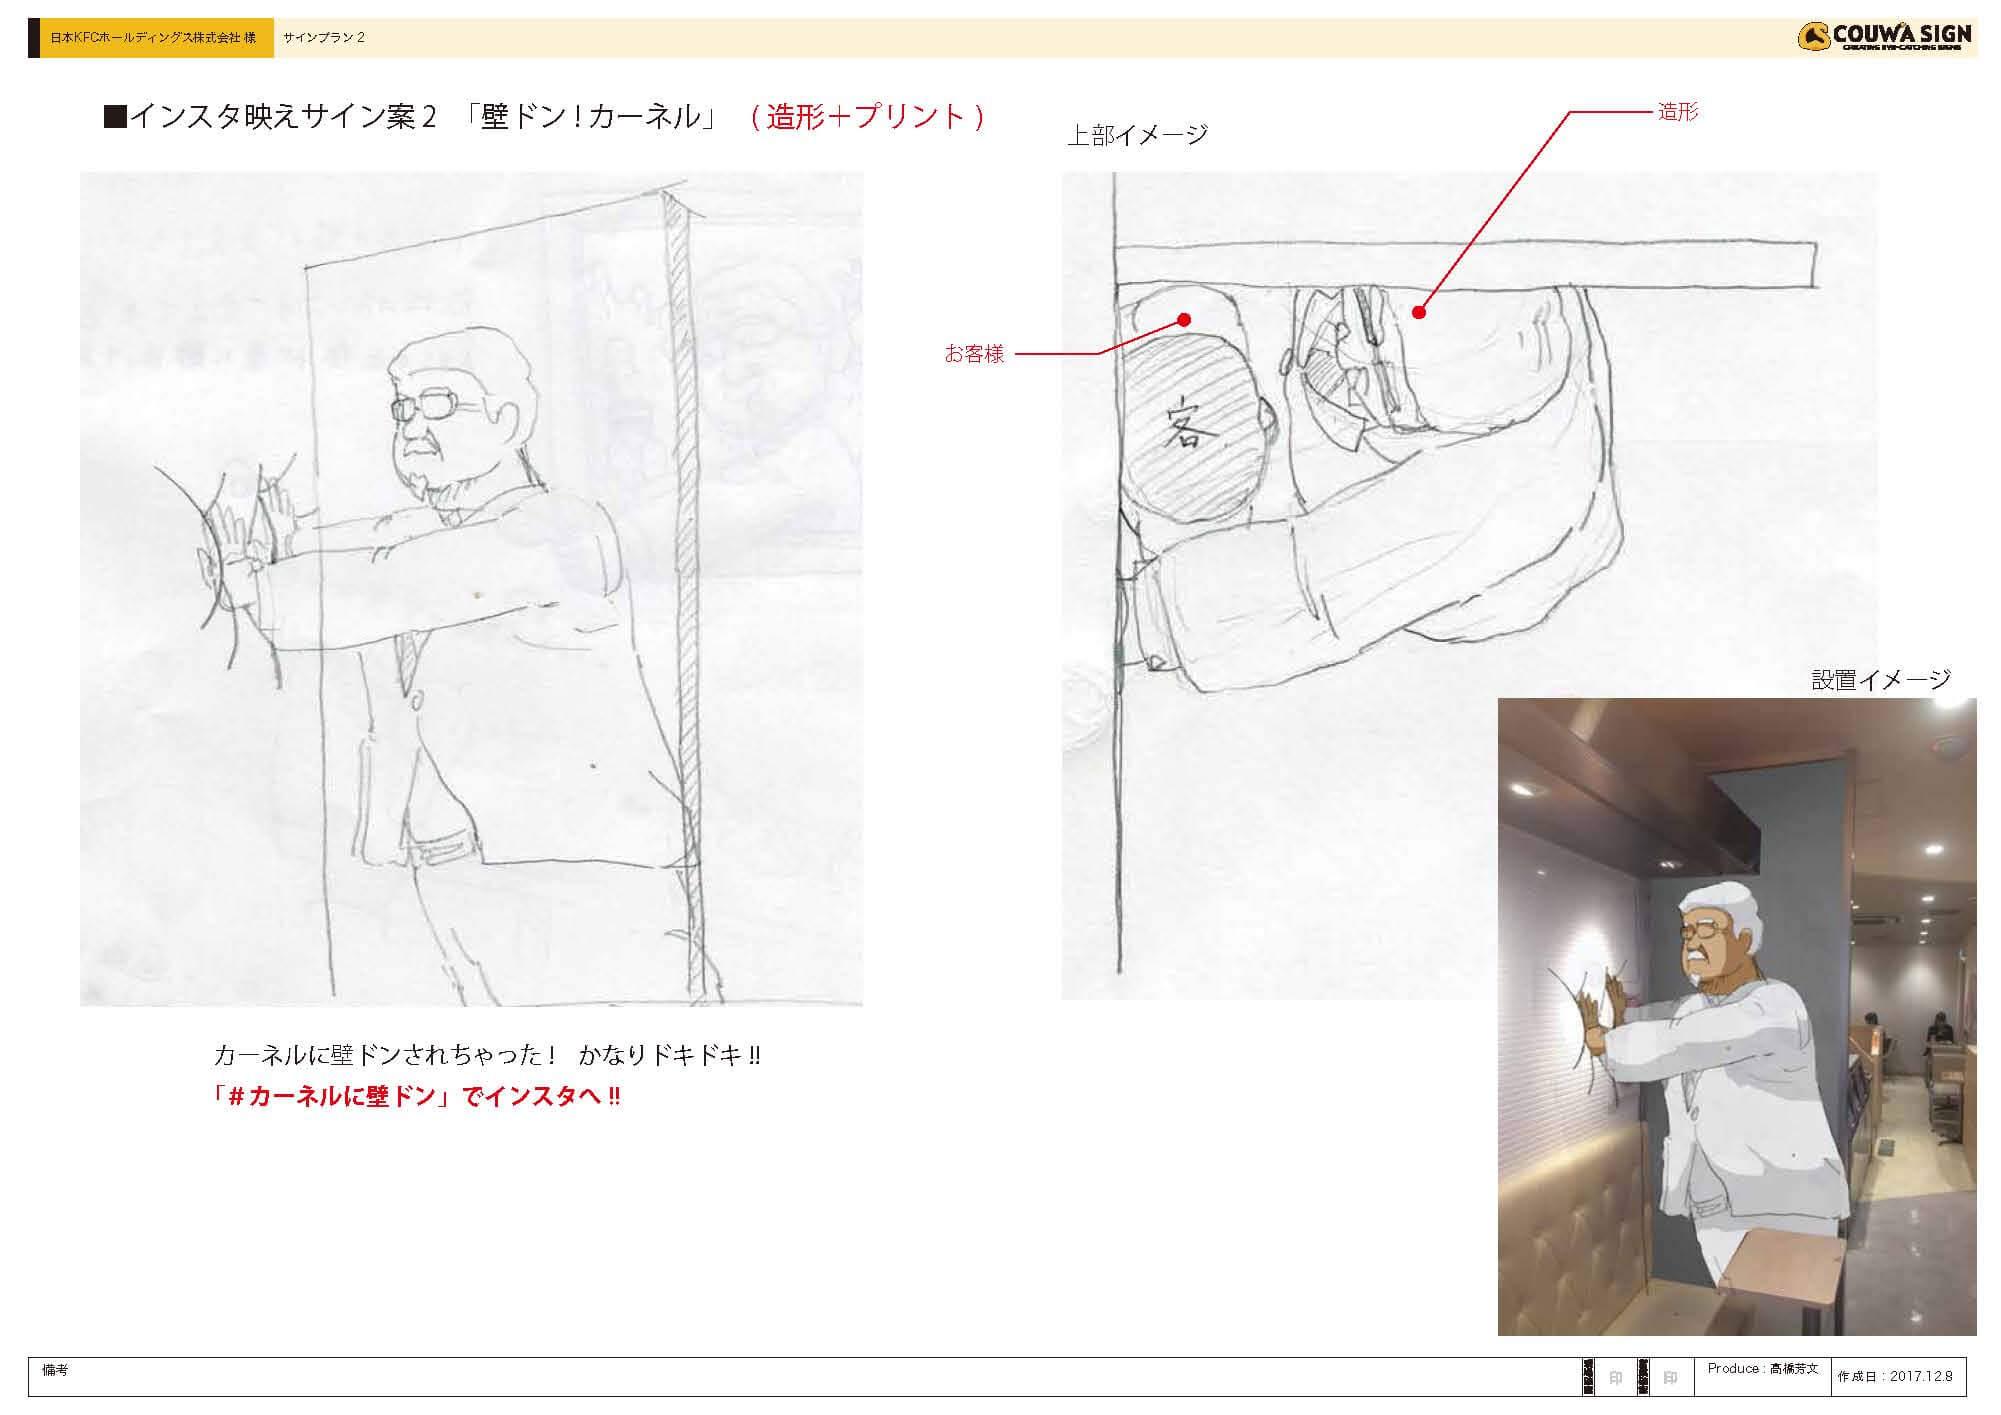 インスタ映え企画の一例3